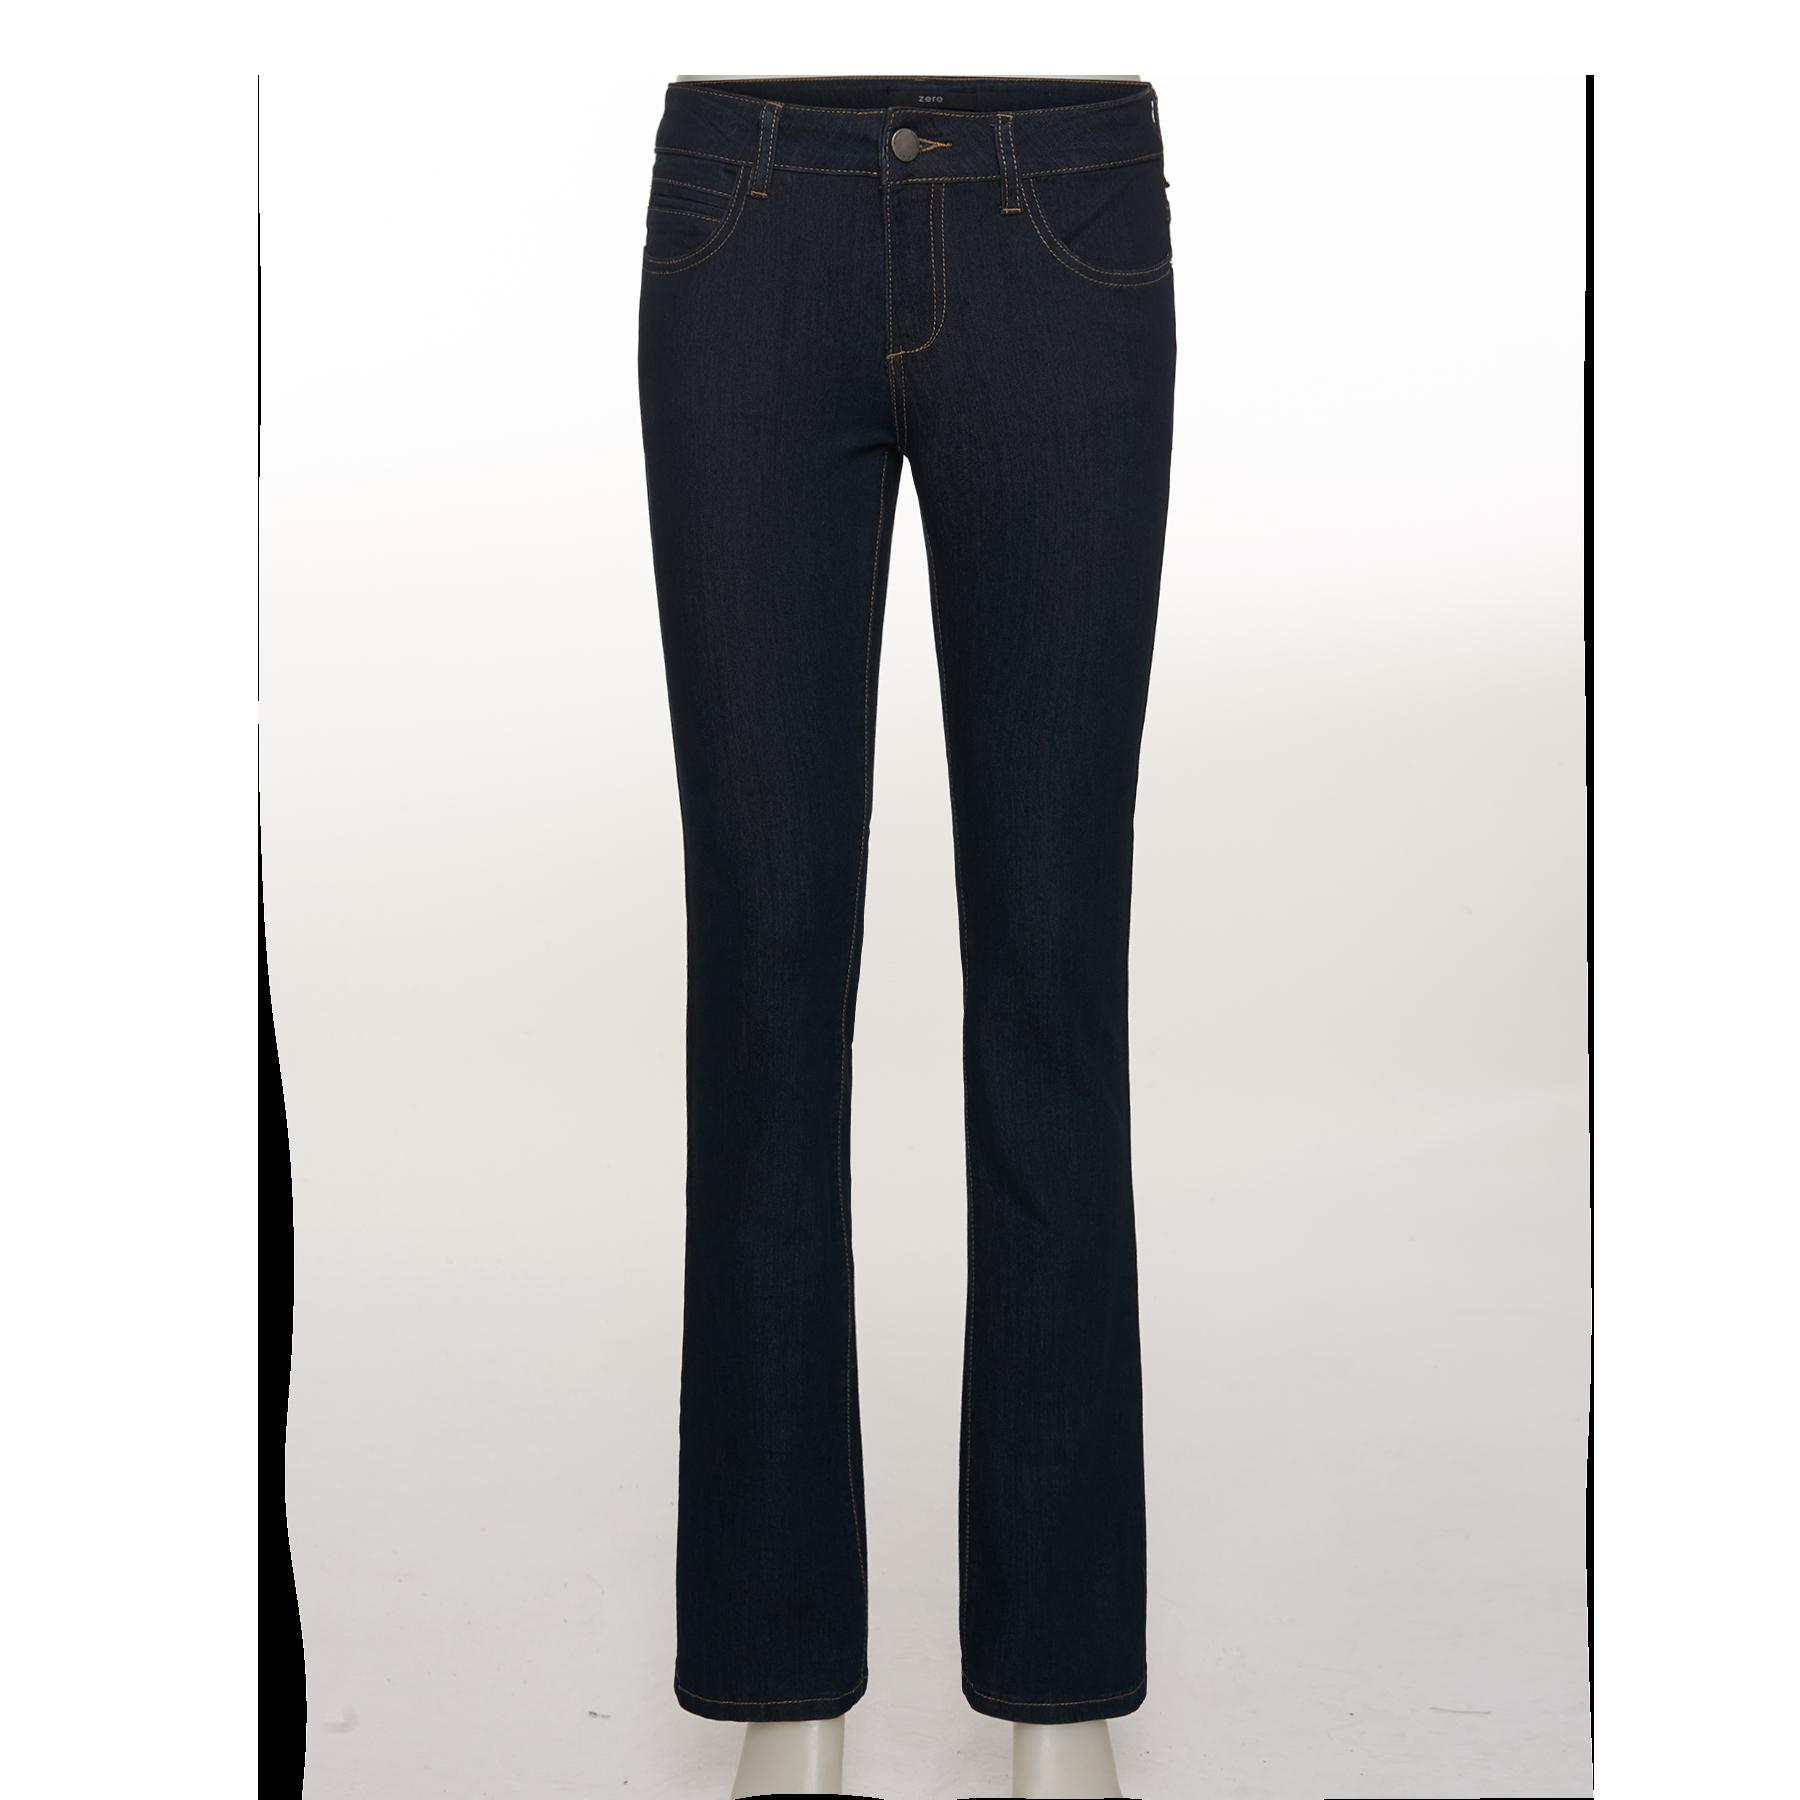 Slim-Fit Jeans mit Steppnähten 32 Inch rinsed washed